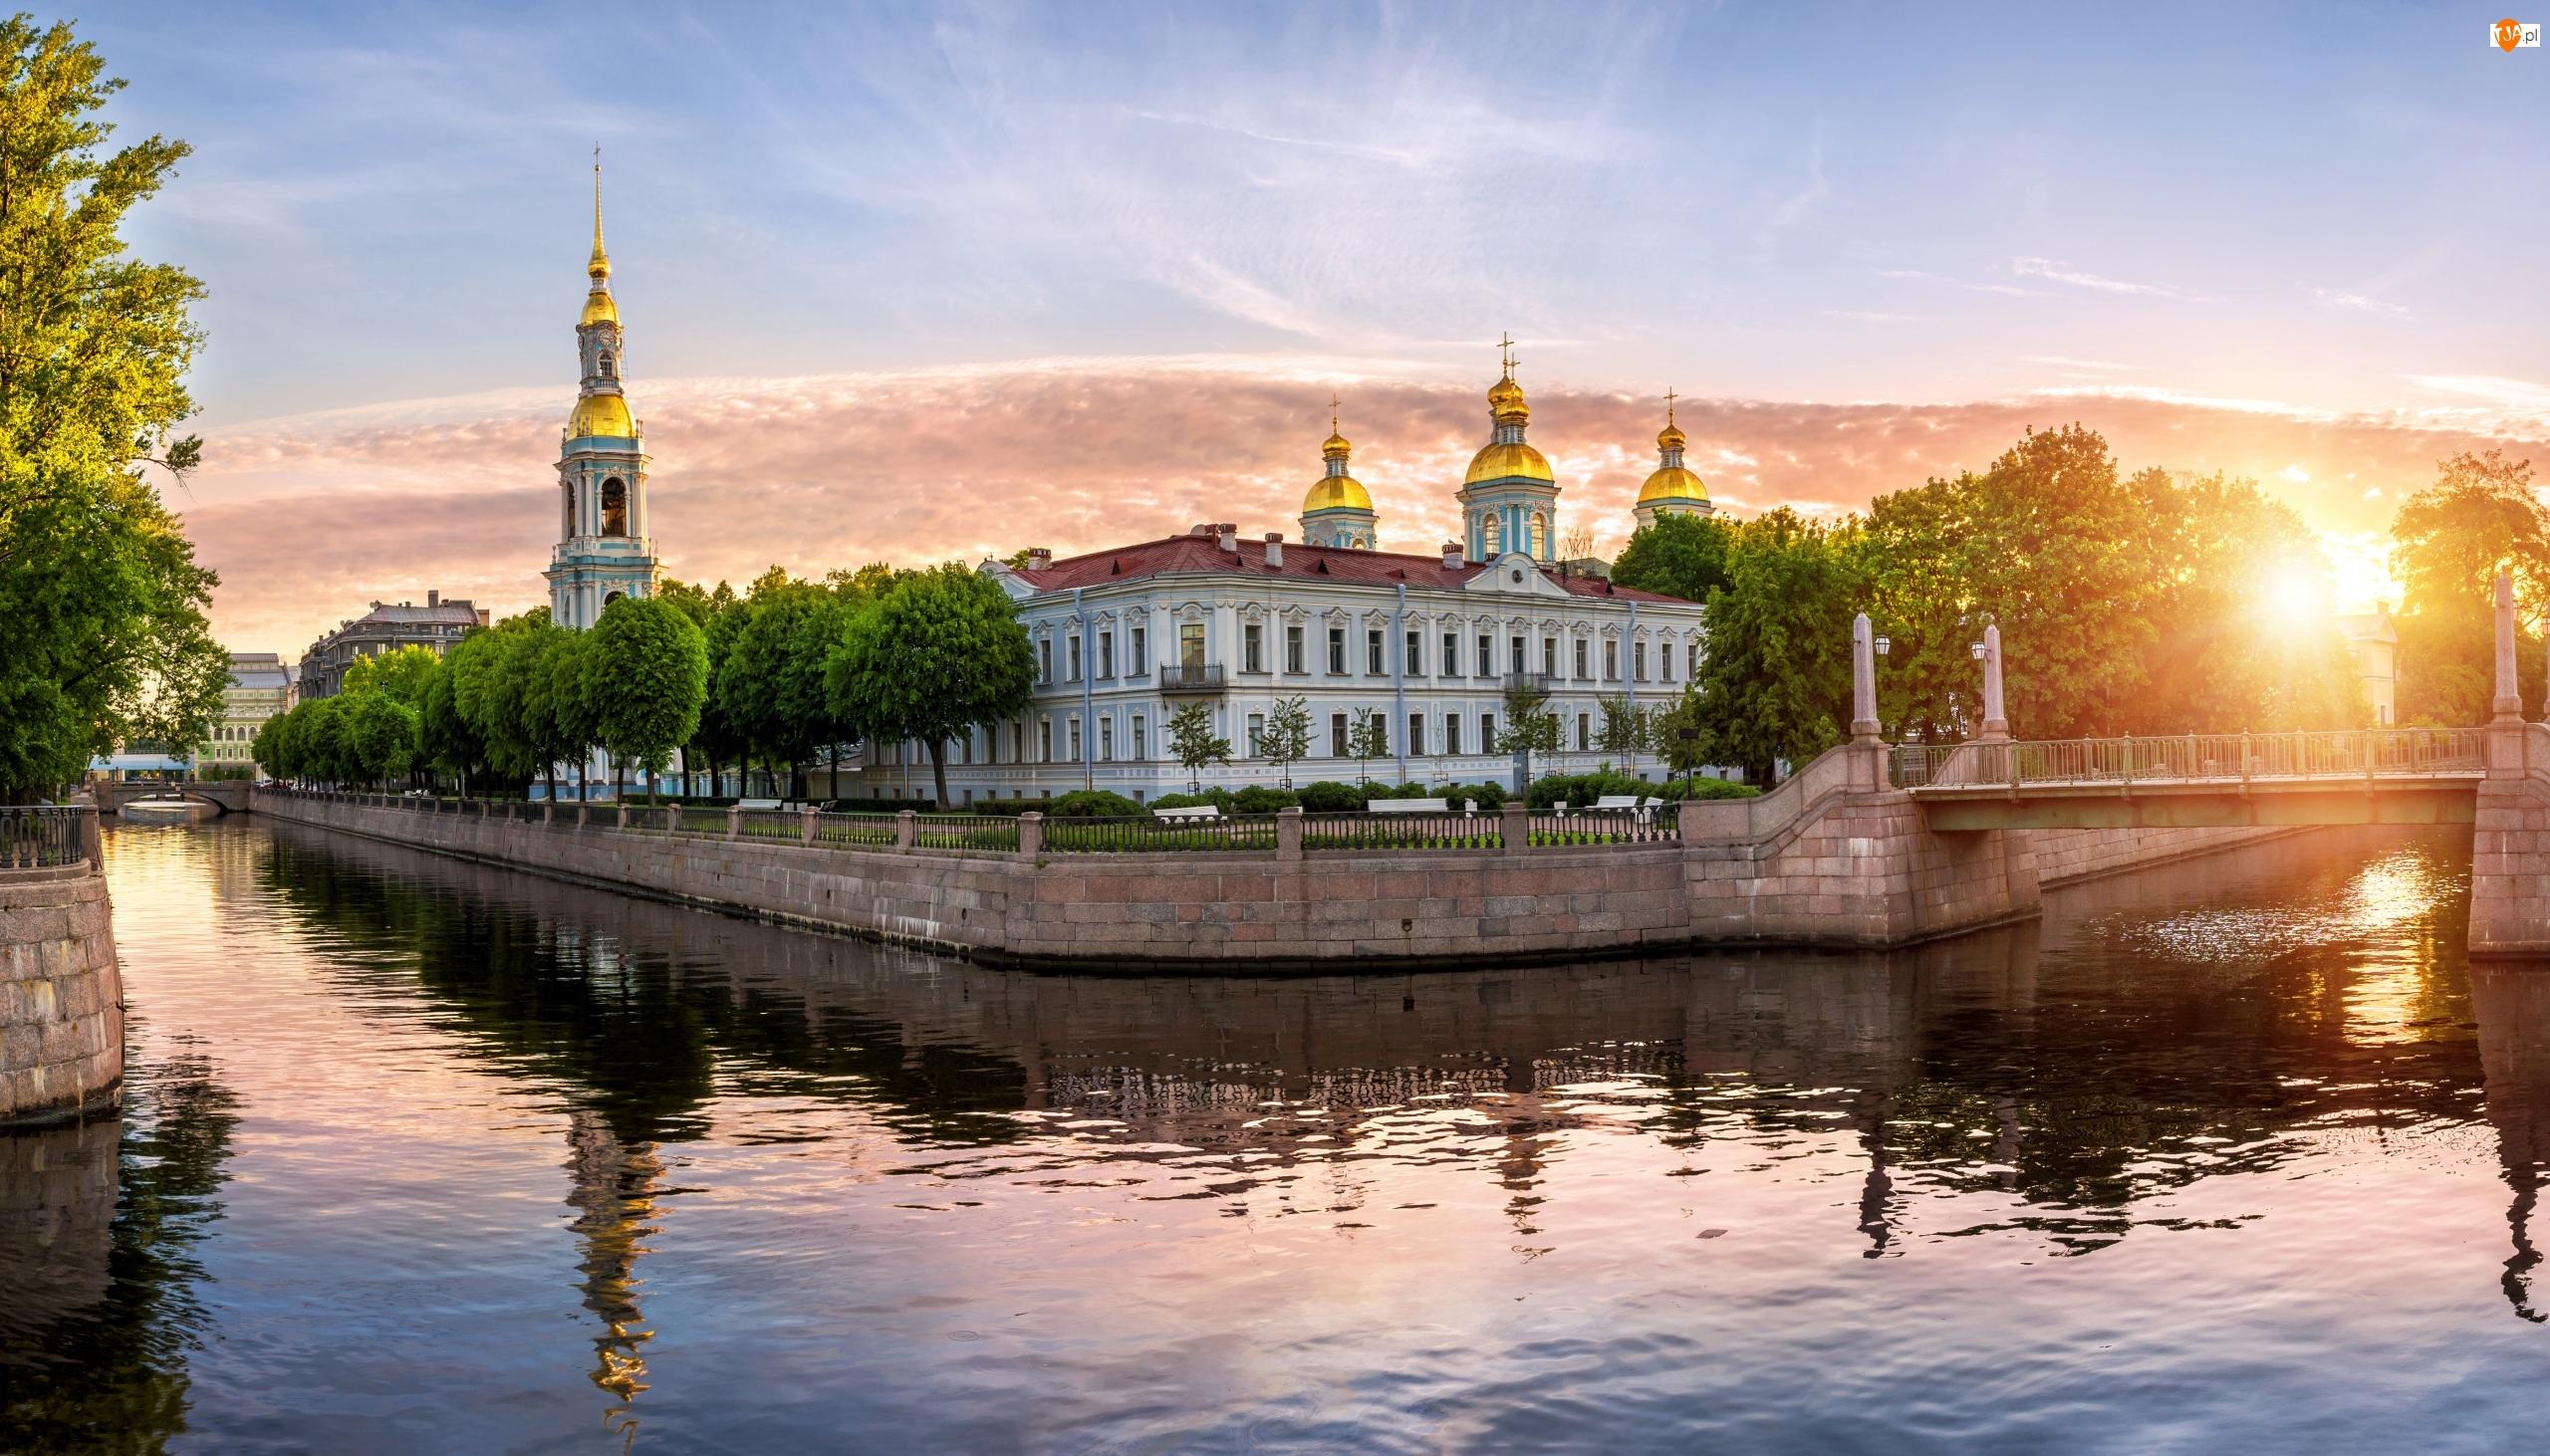 Wschód słońca, Rosja, Kanał Kryukowski, Drzewa, Petersburg, Most, Cerkiew, Sobór św. Mikołaja i Objawienia Pańskiego